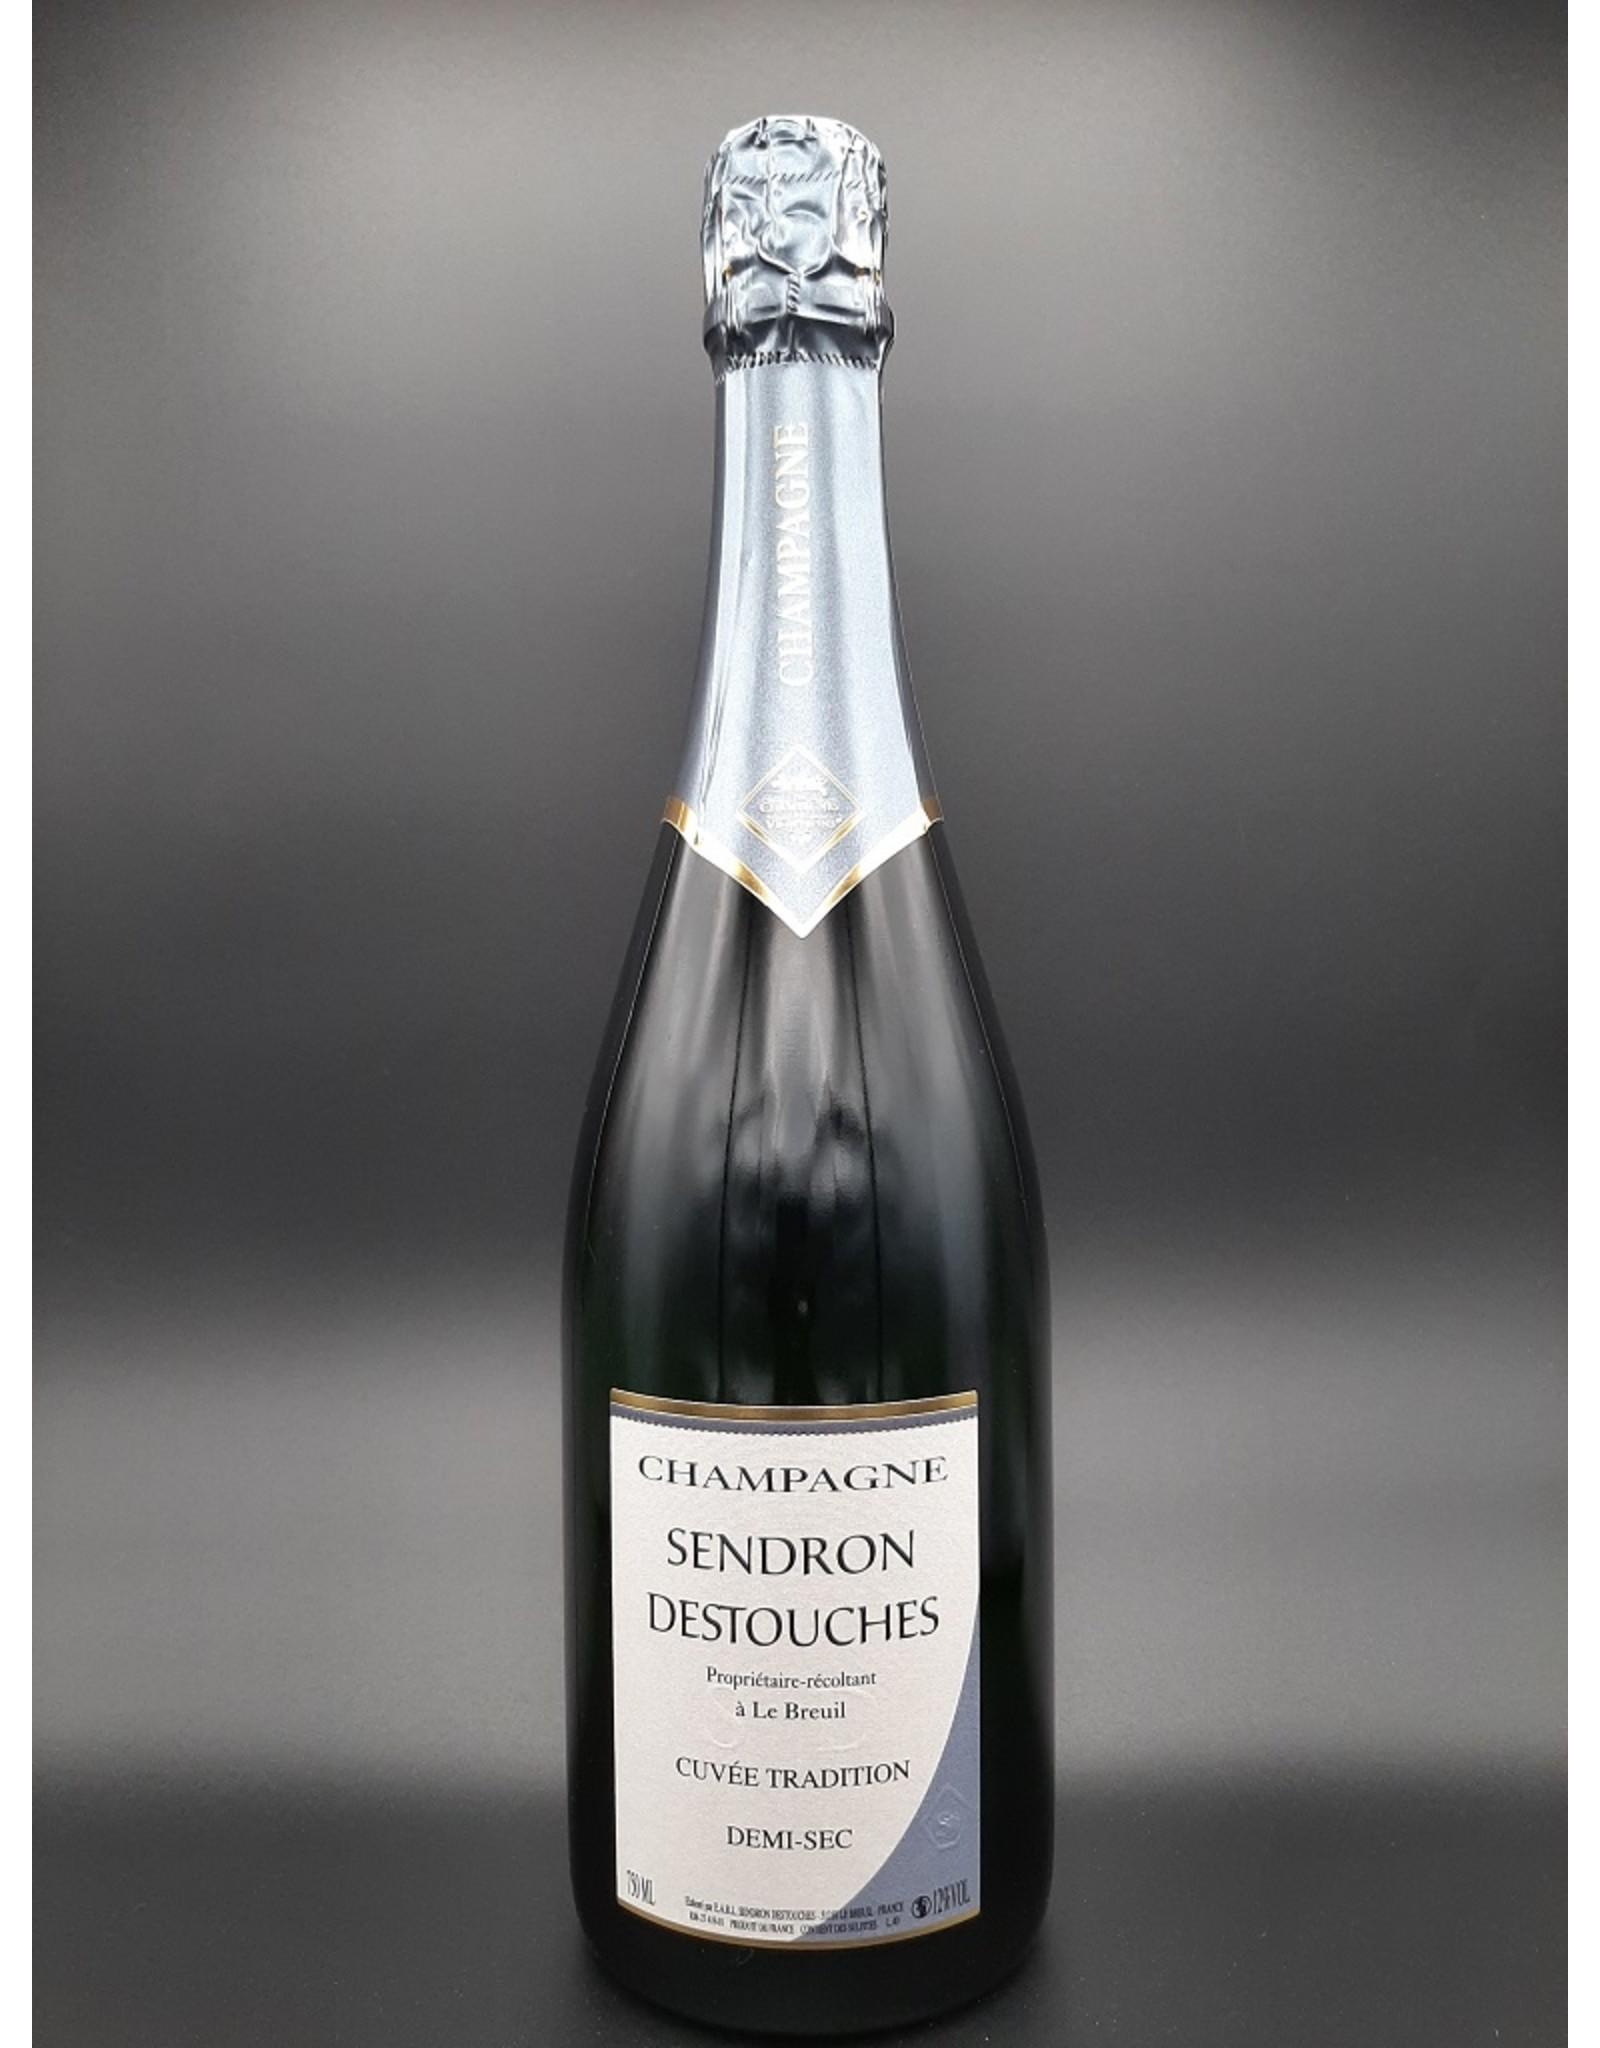 Champagne Sendron-Destouches Champagne Tradition Demi sec